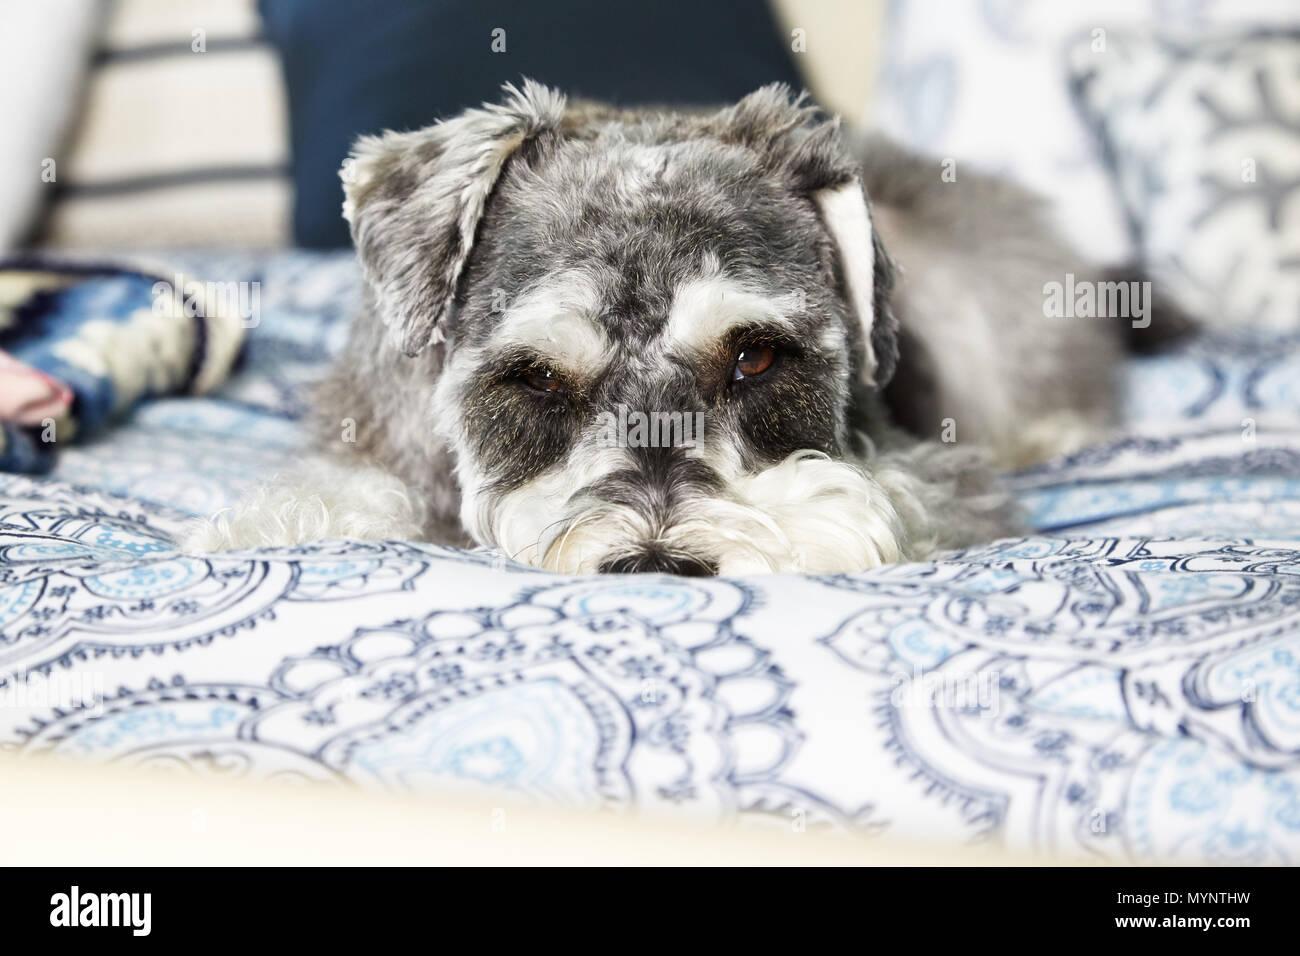 Miniatura Schnauzer in appoggio sul letto Immagini Stock